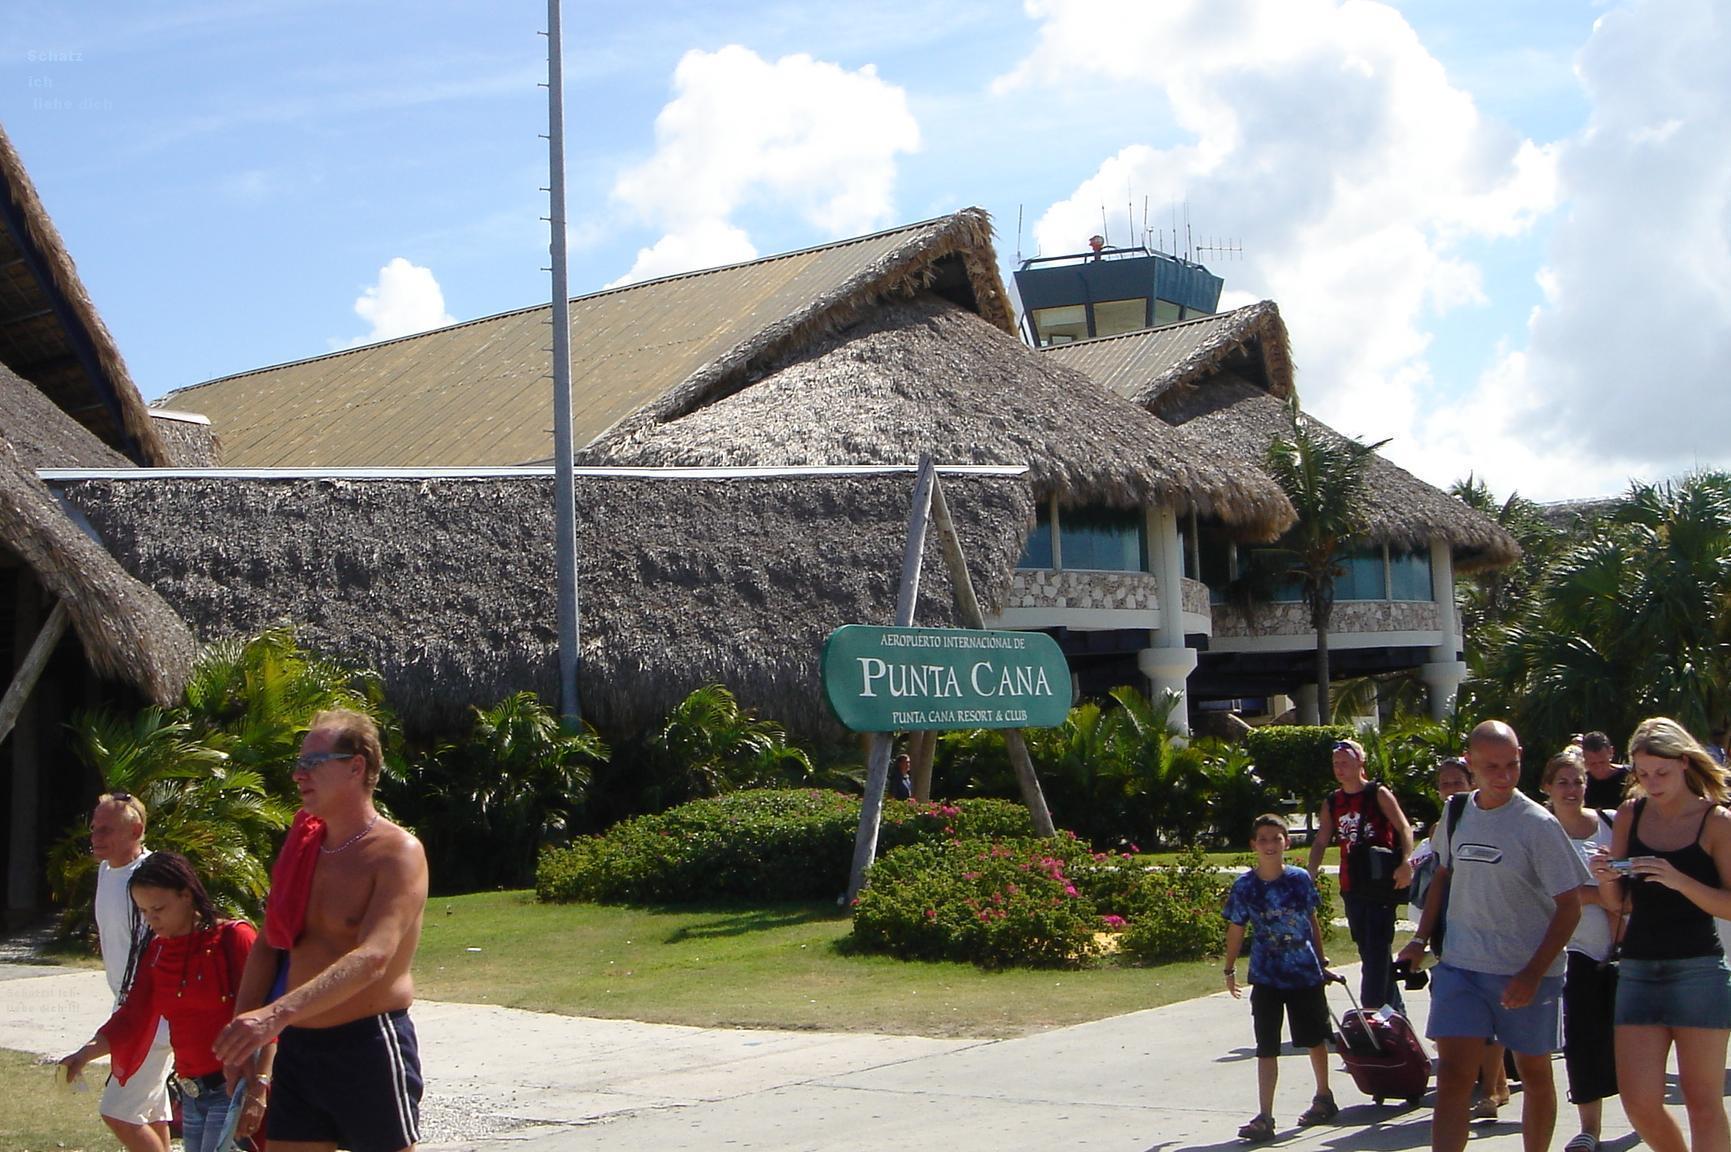 Depiction of Aeropuerto Internacional de Punta Cana